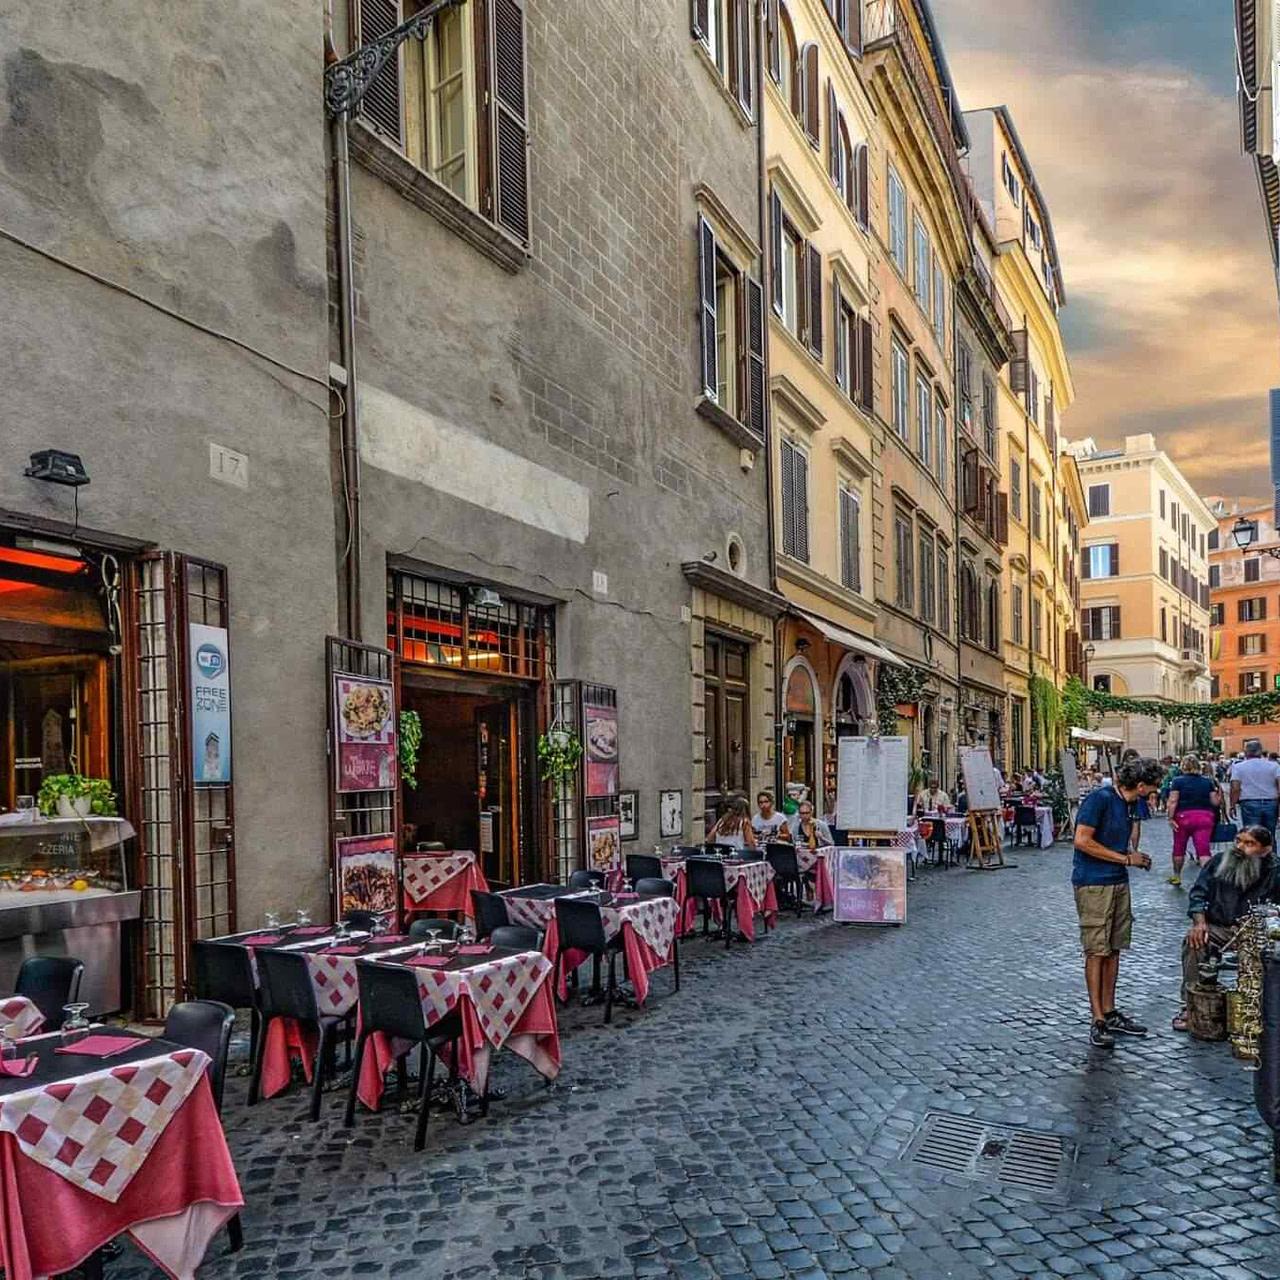 https://mlohvc80vfmp.i.optimole.com/KzqGvII-QPdgdVeX/w:1280/h:1280/q:90/rt:fill/g:ce/https://www.apperitivo-directory.beer/wp-content/uploads/2017/10/restaurant-italian-6.jpg